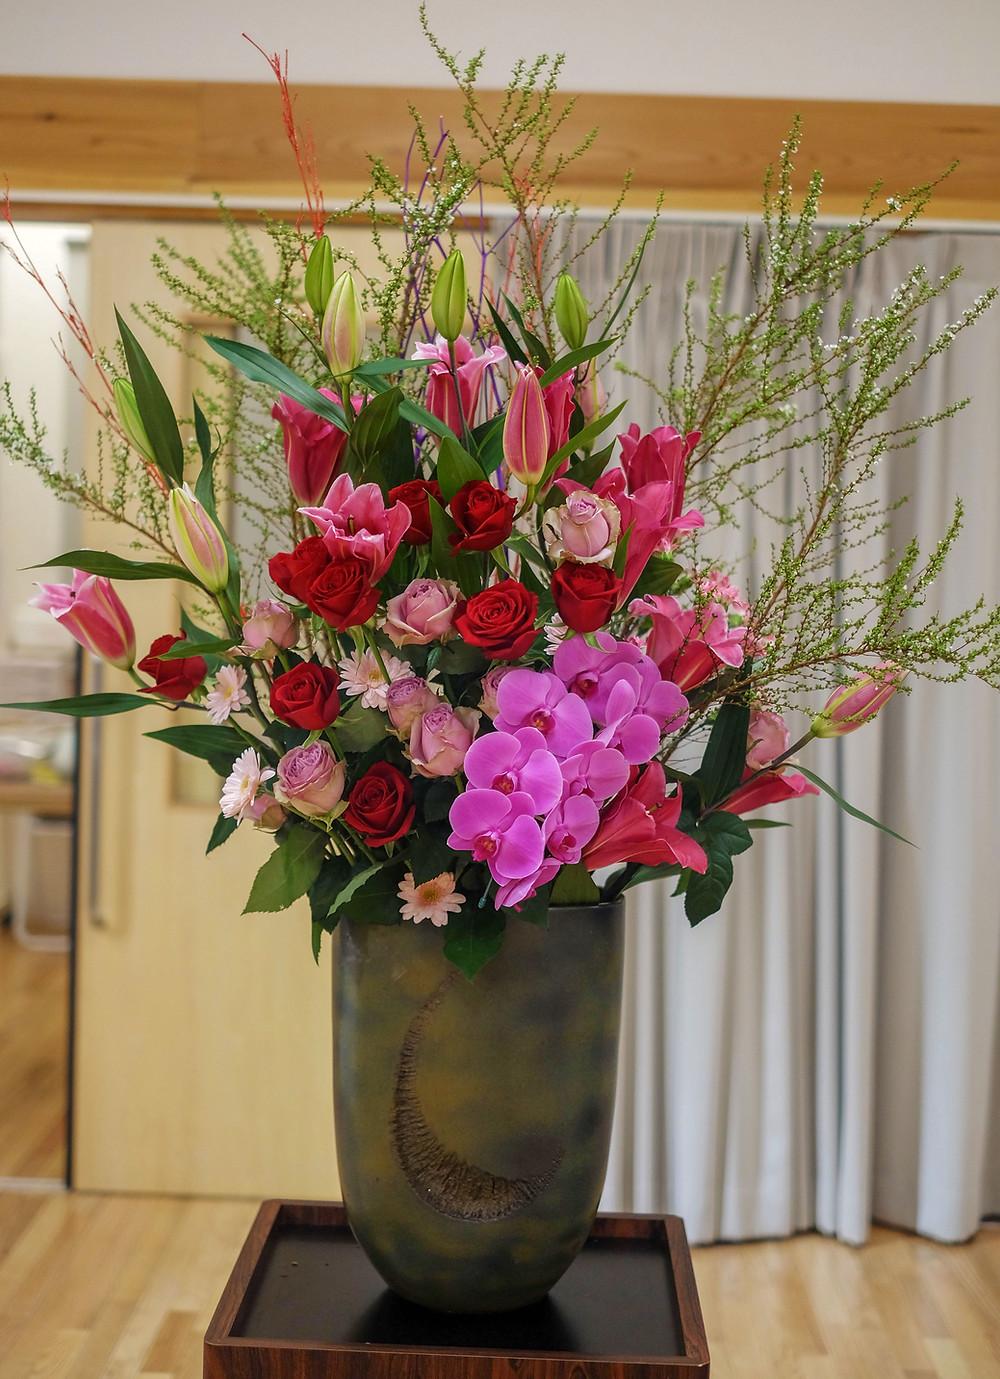 生花 イベント ツボ花 イベント装飾 イベント花 学校 入学式 入社式